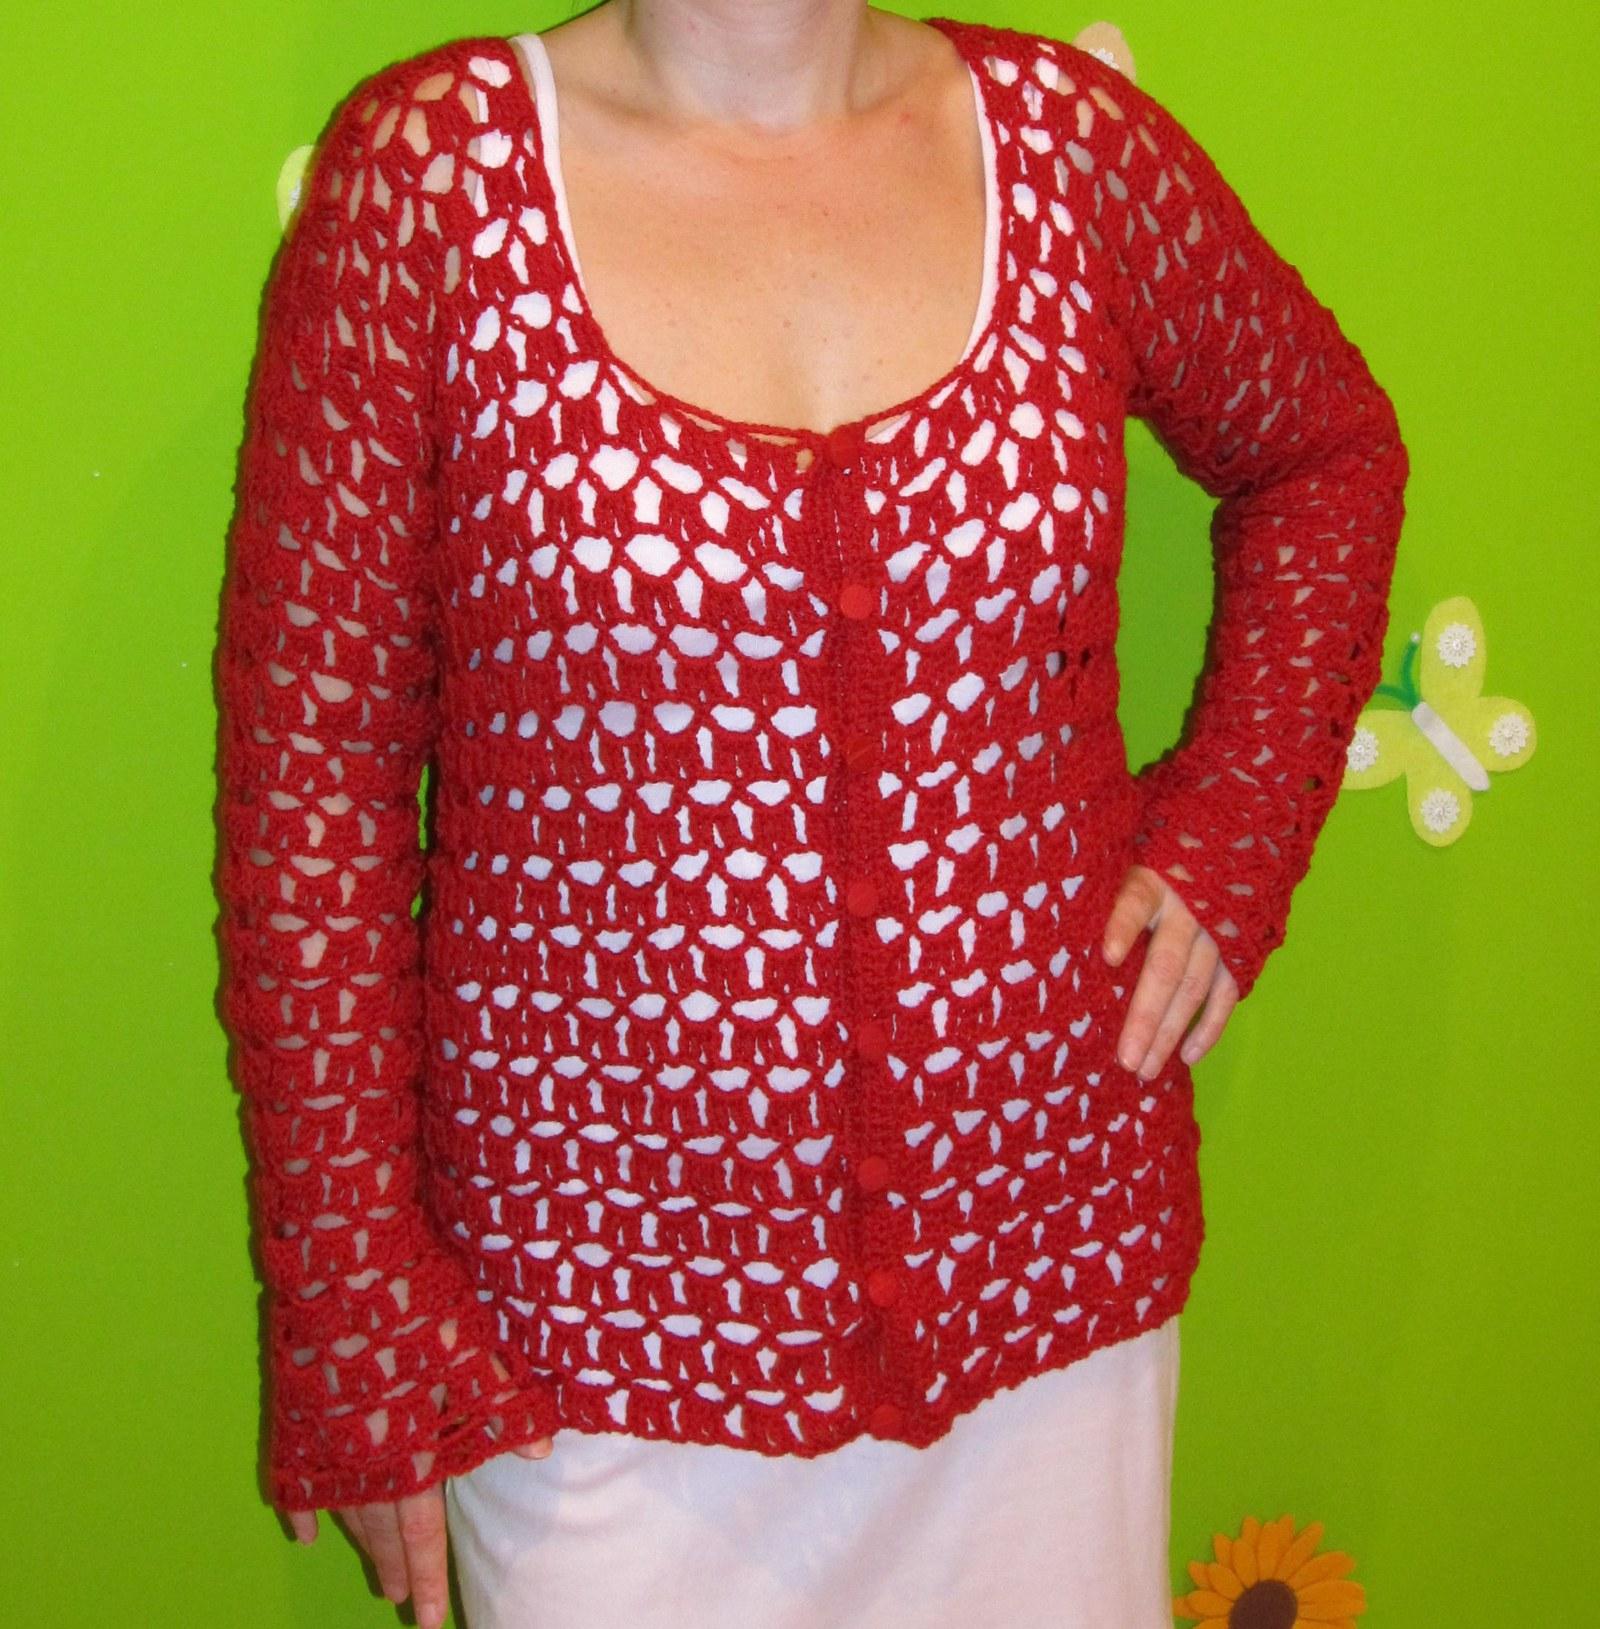 Háčkovaný červený svetr-SLEVA   Zboží prodejce Hladisek  9d0eeca177